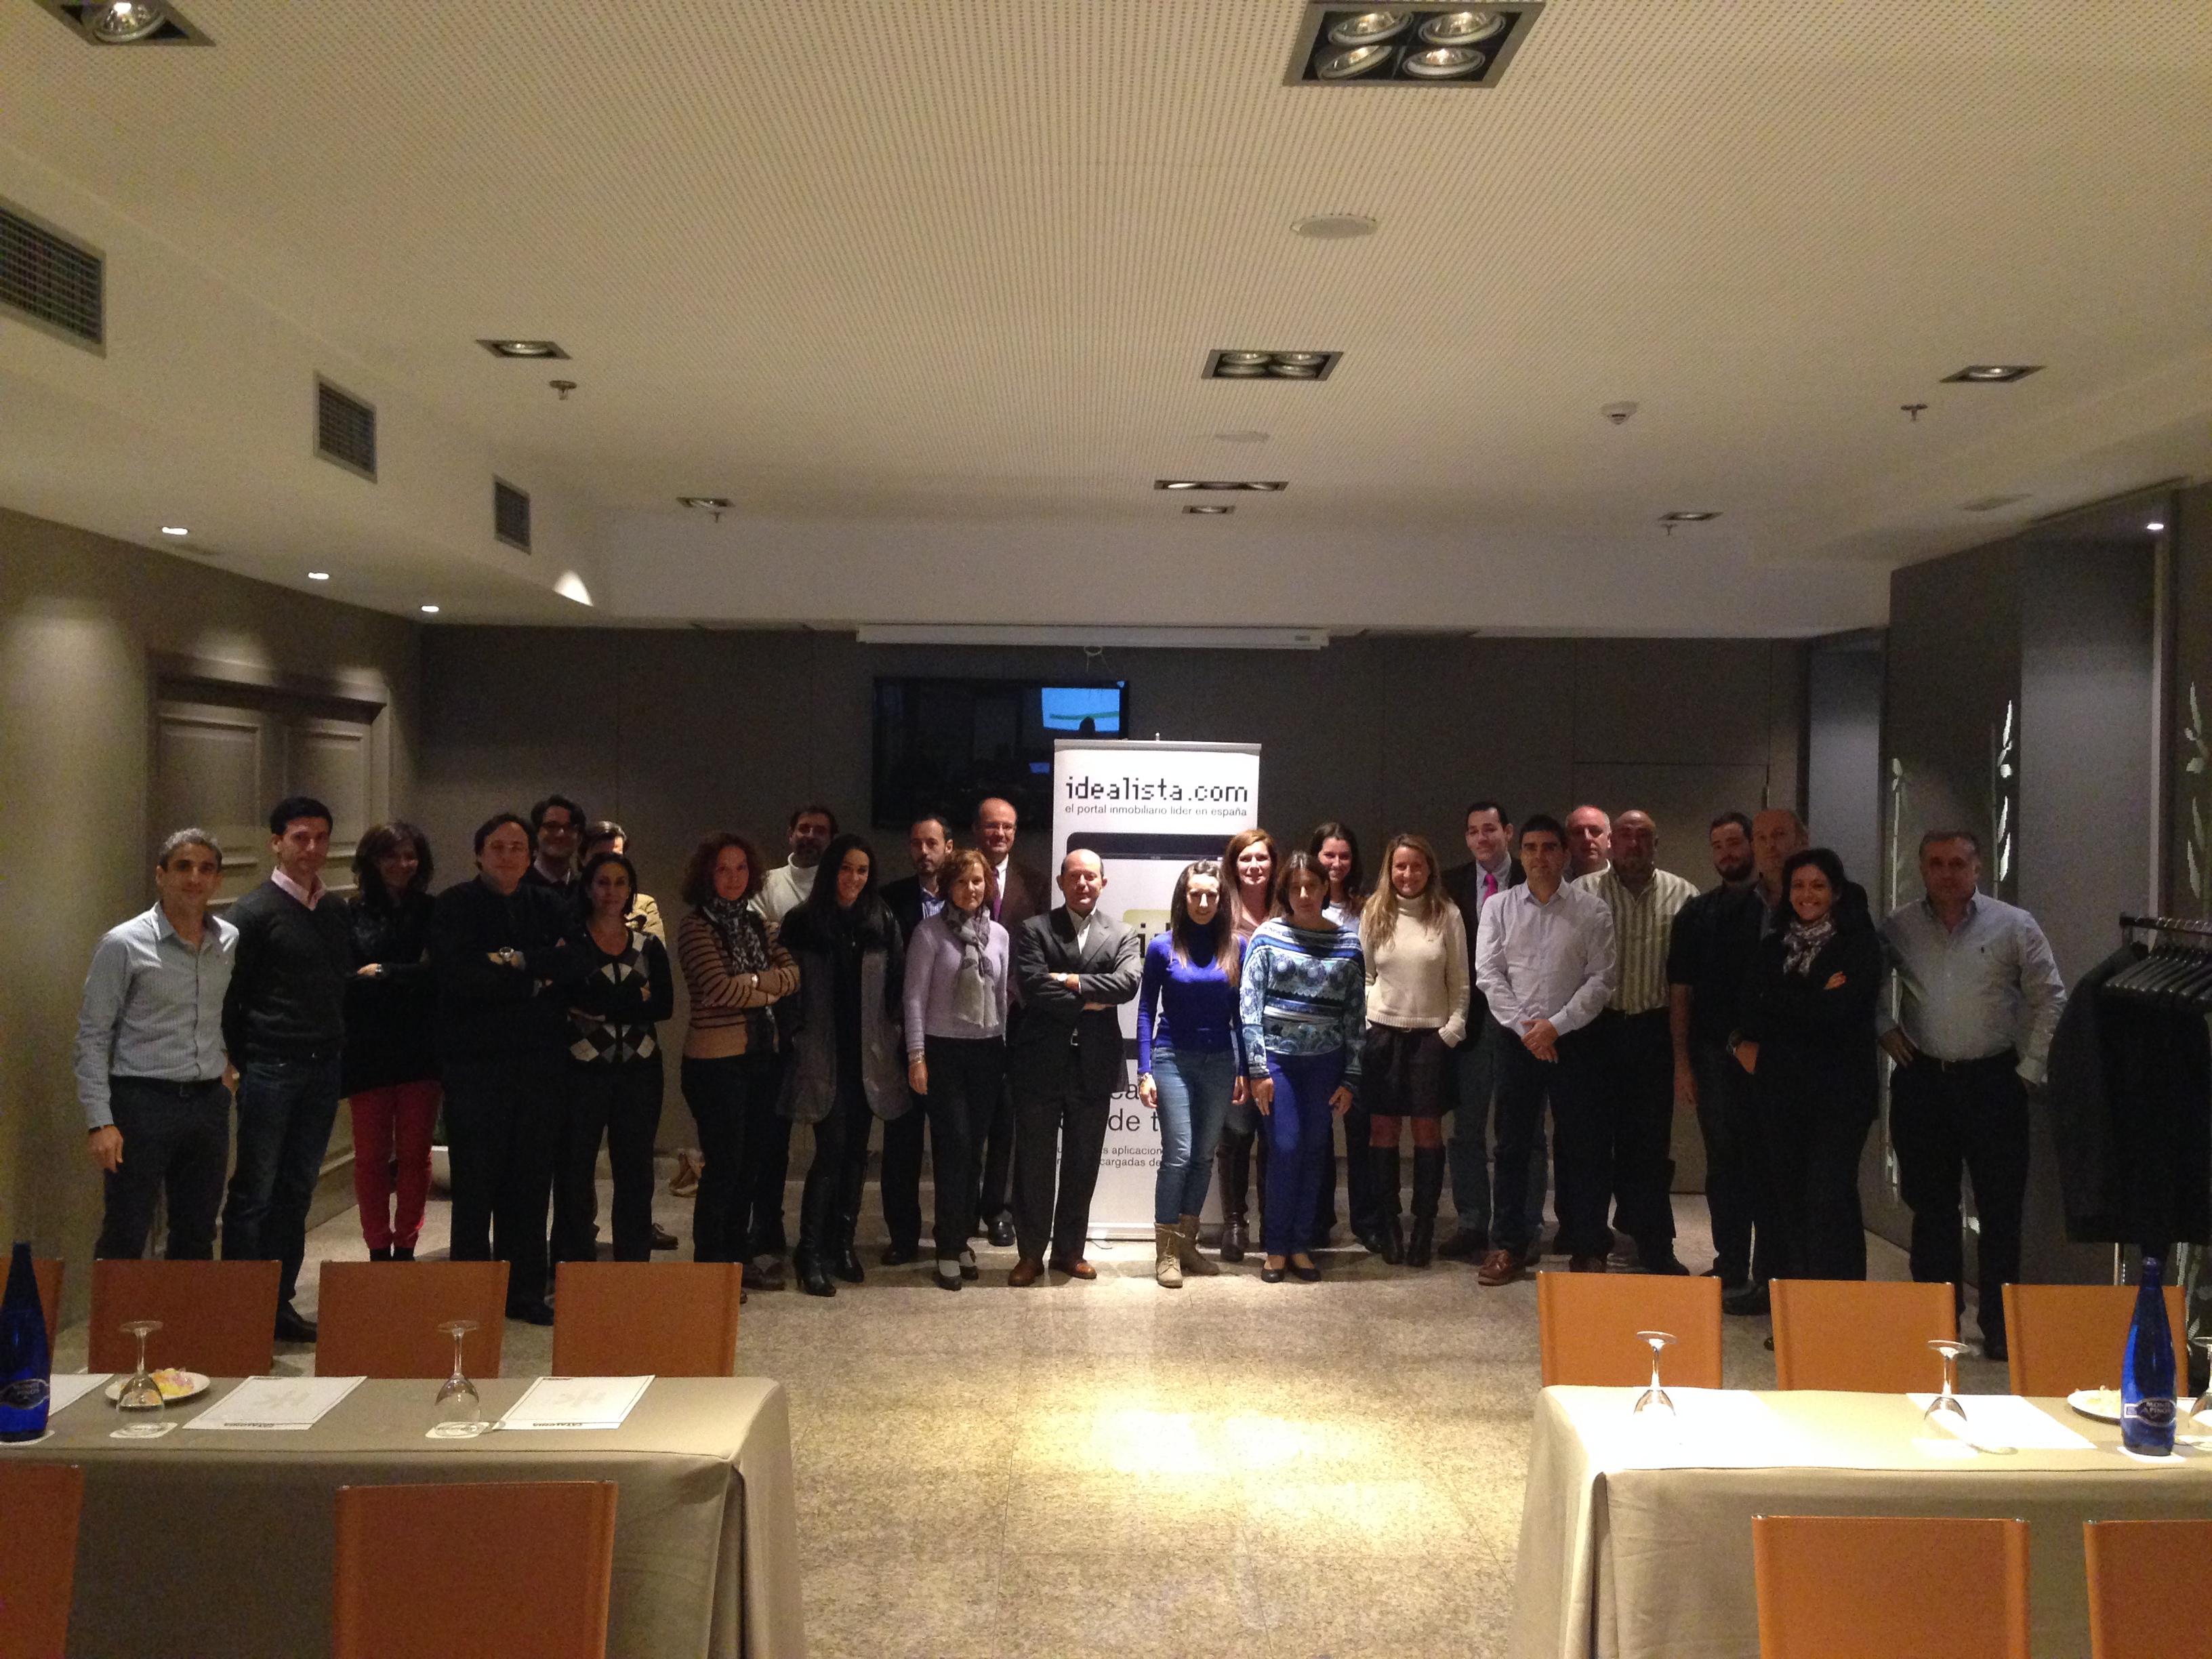 Fotos de familia de los cursos de idealista en 2013 coordinados por la oficina de madrid - Idealista oficinas madrid ...